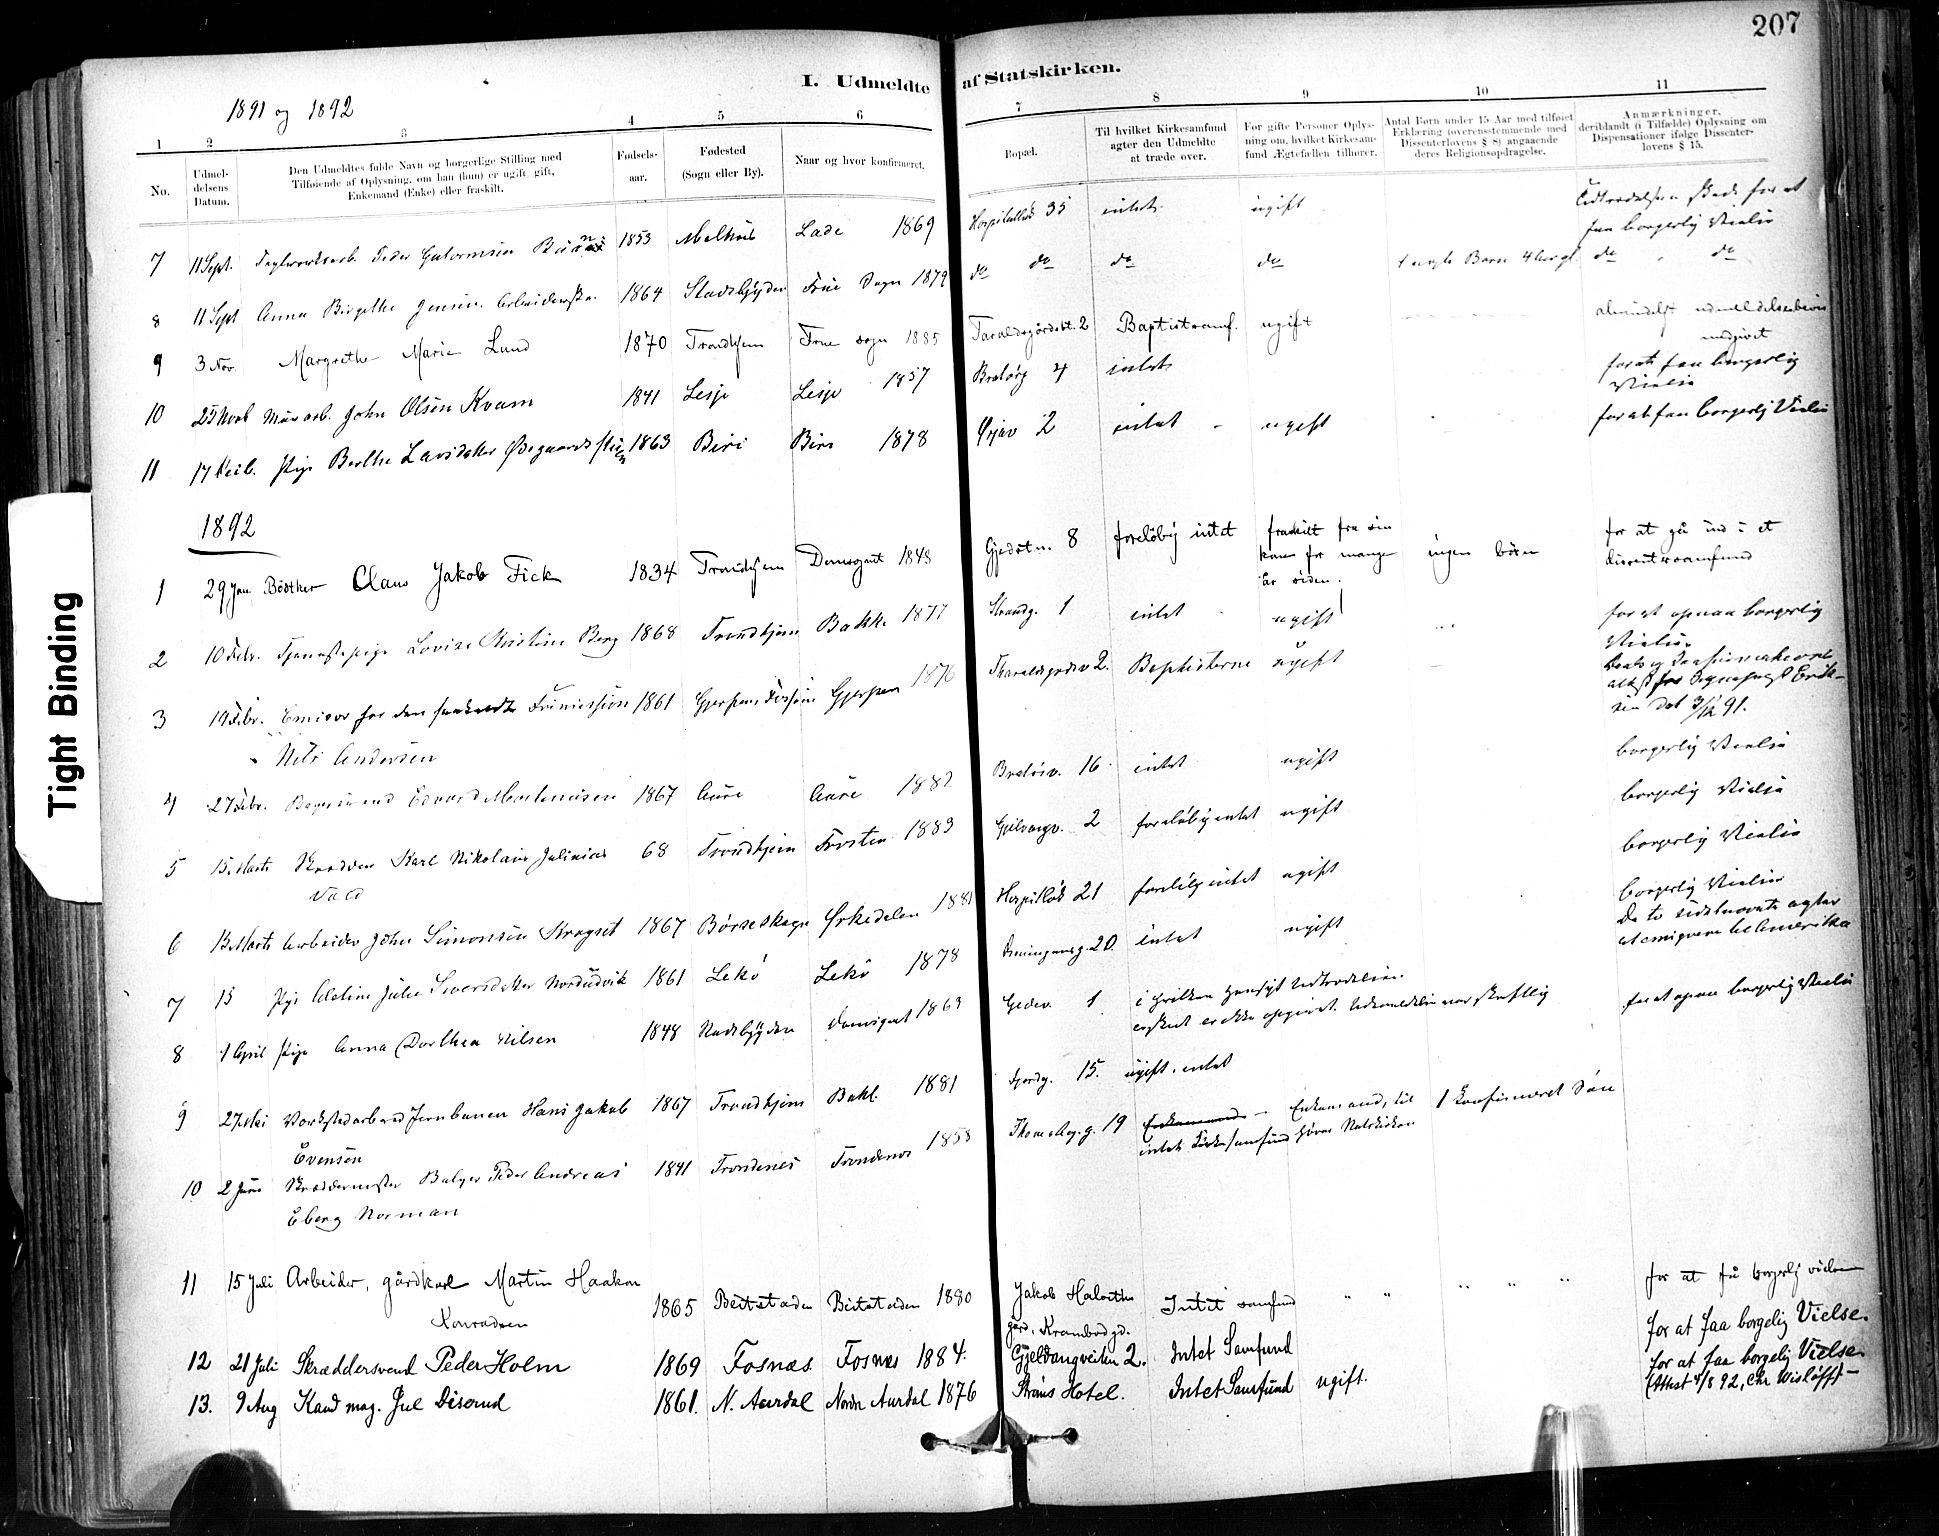 SAT, Ministerialprotokoller, klokkerbøker og fødselsregistre - Sør-Trøndelag, 602/L0120: Ministerialbok nr. 602A18, 1880-1913, s. 207